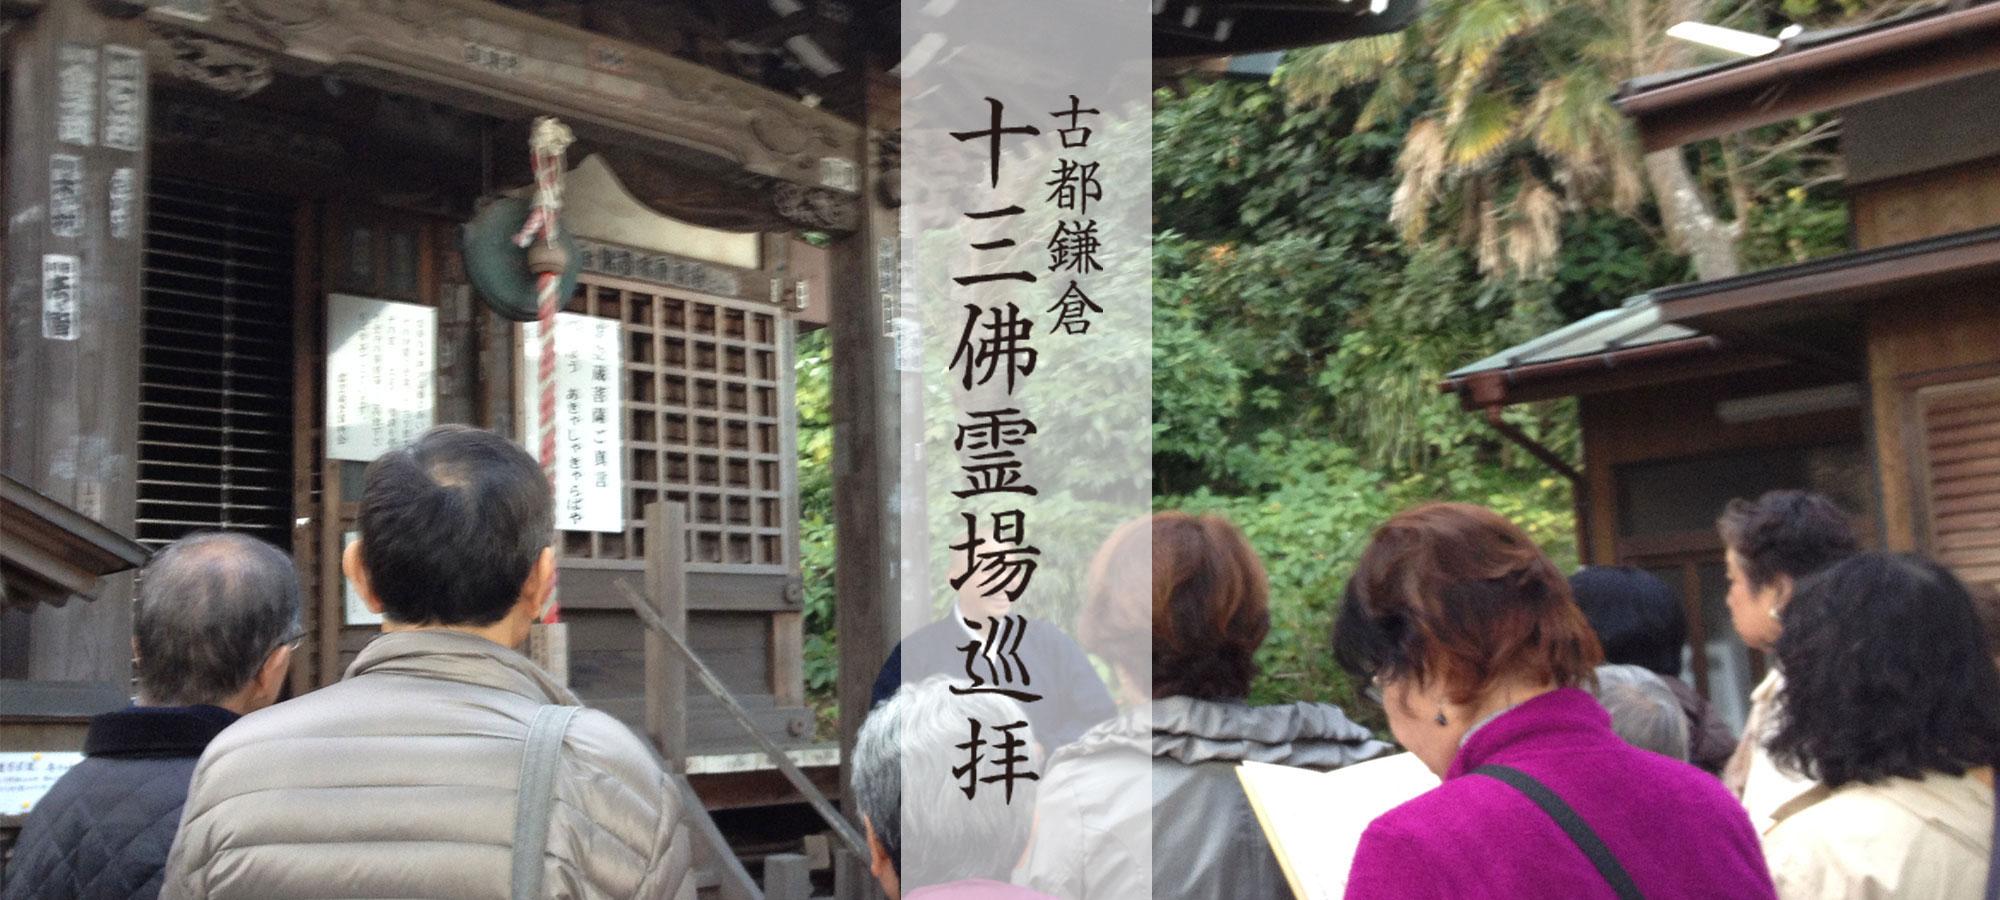 鎌倉十三仏詣(古都鎌倉十三仏霊場巡拝)